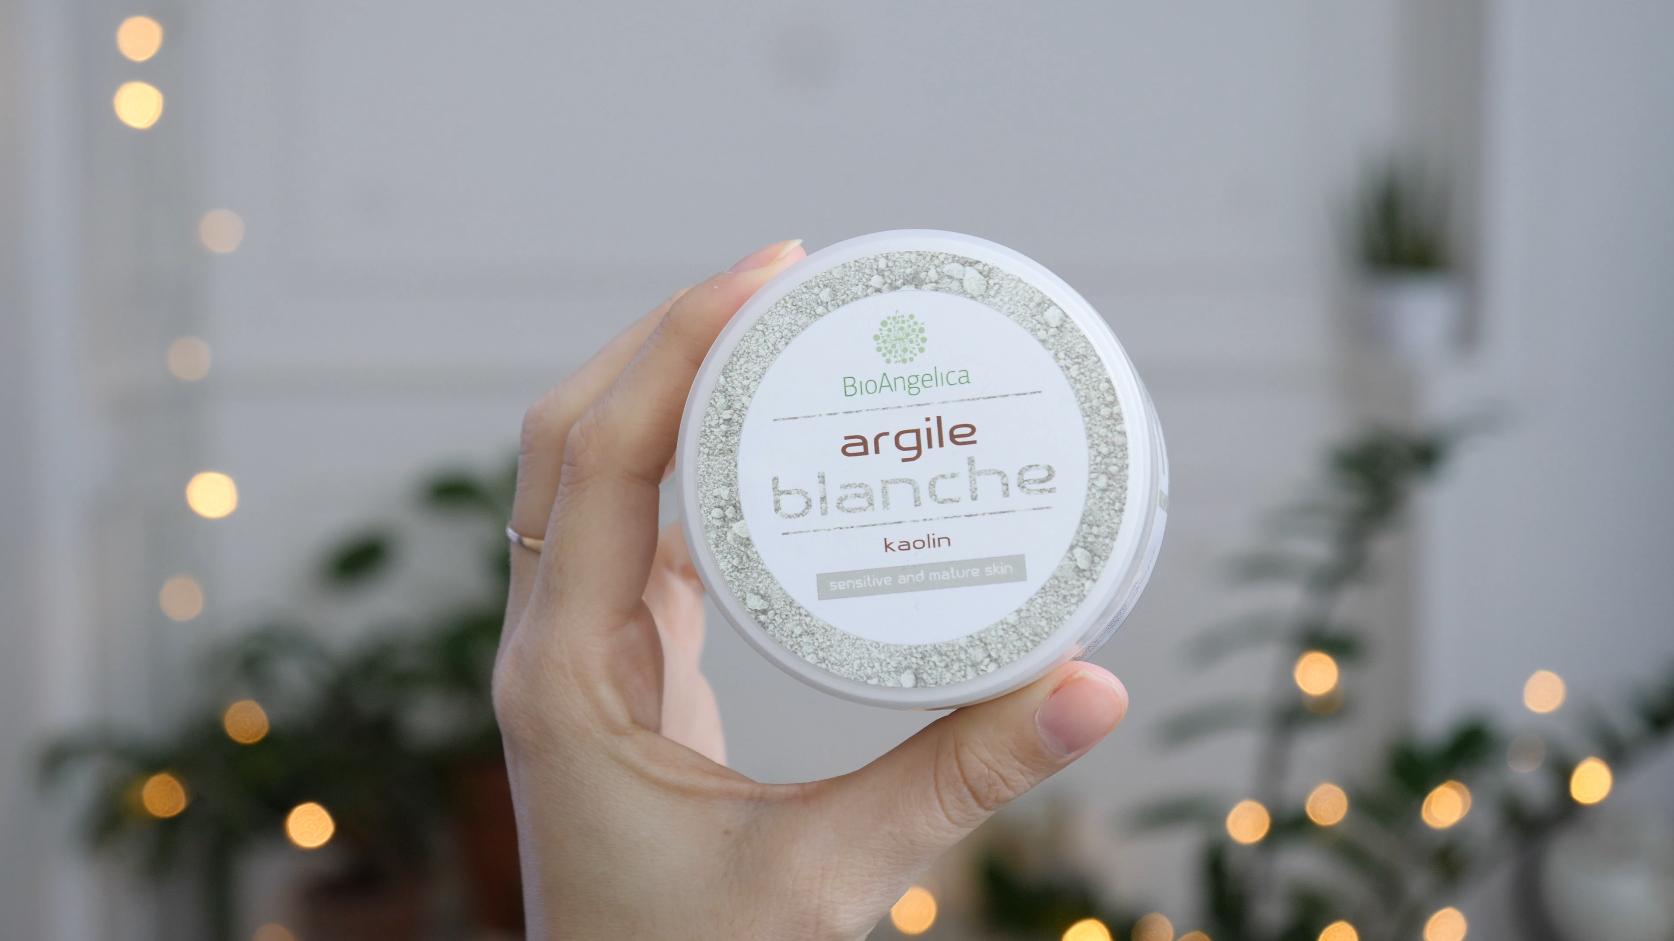 produits naturels favoris argile blanche bioangelina